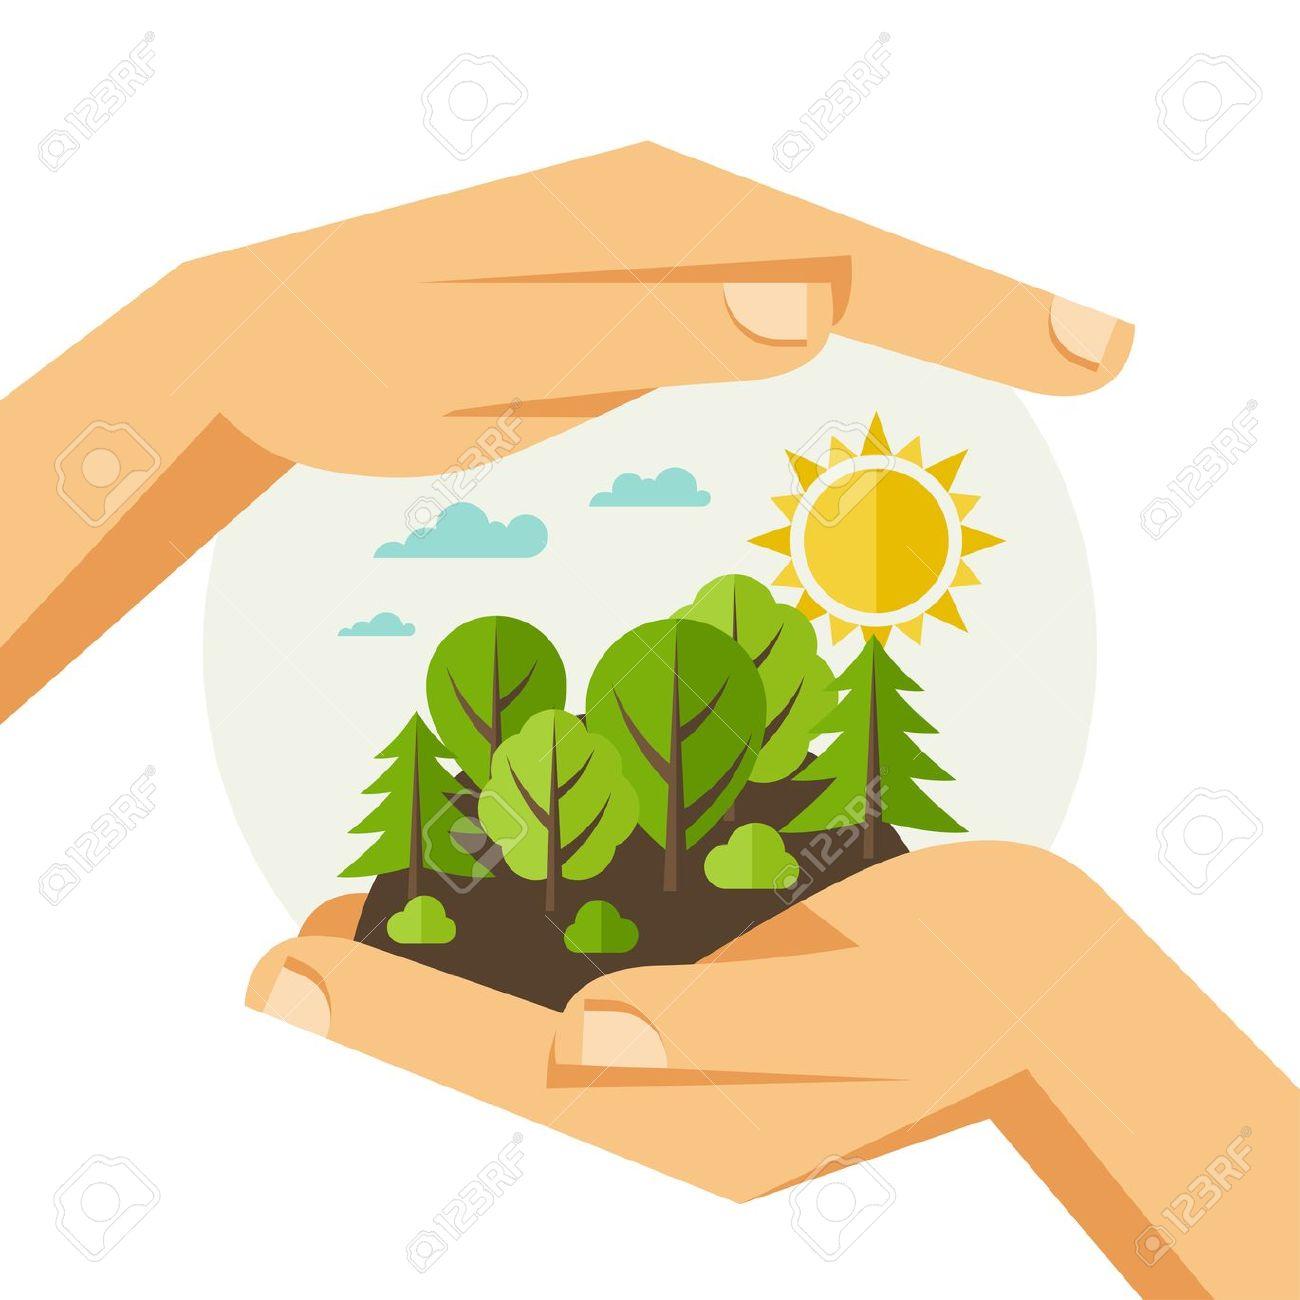 35135773-Protecci-n-del-medio-ambiente-la-ecolog-a-concepto-de-ilustraci-n-en-estilo-plano--Foto-de-archivo